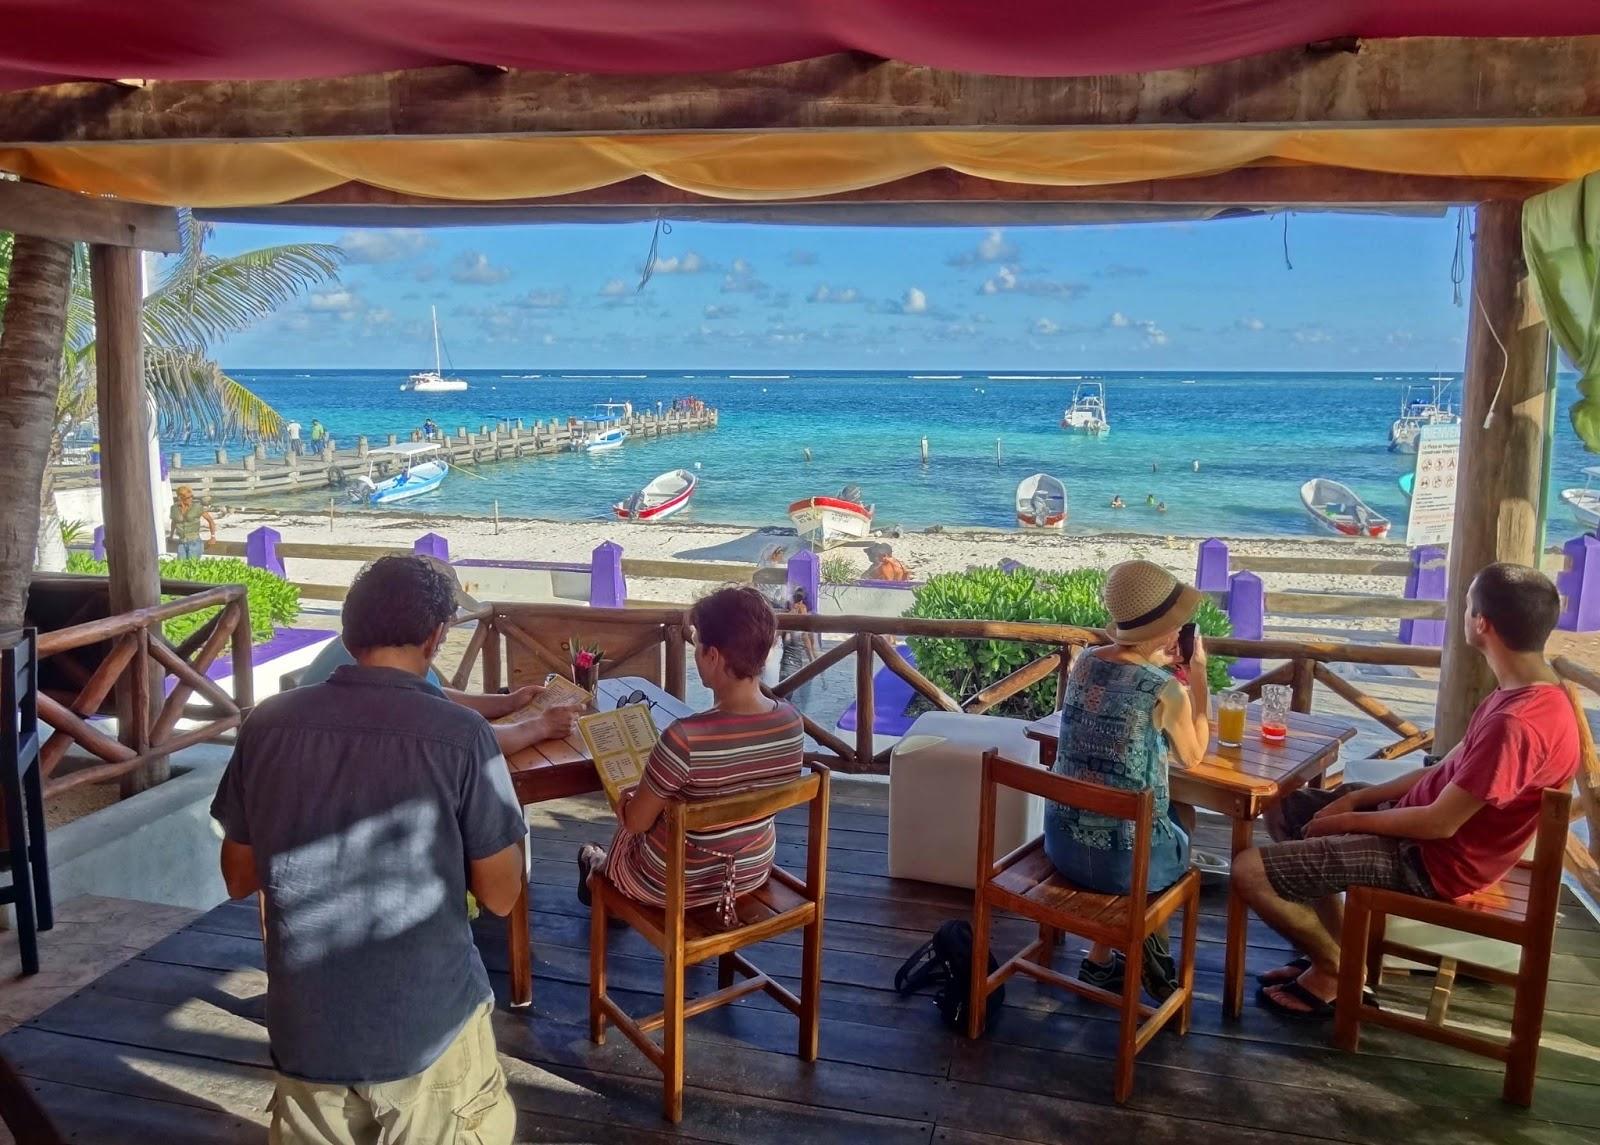 Joe S Retirement Blog A Few Restaurants Puerto Morelos